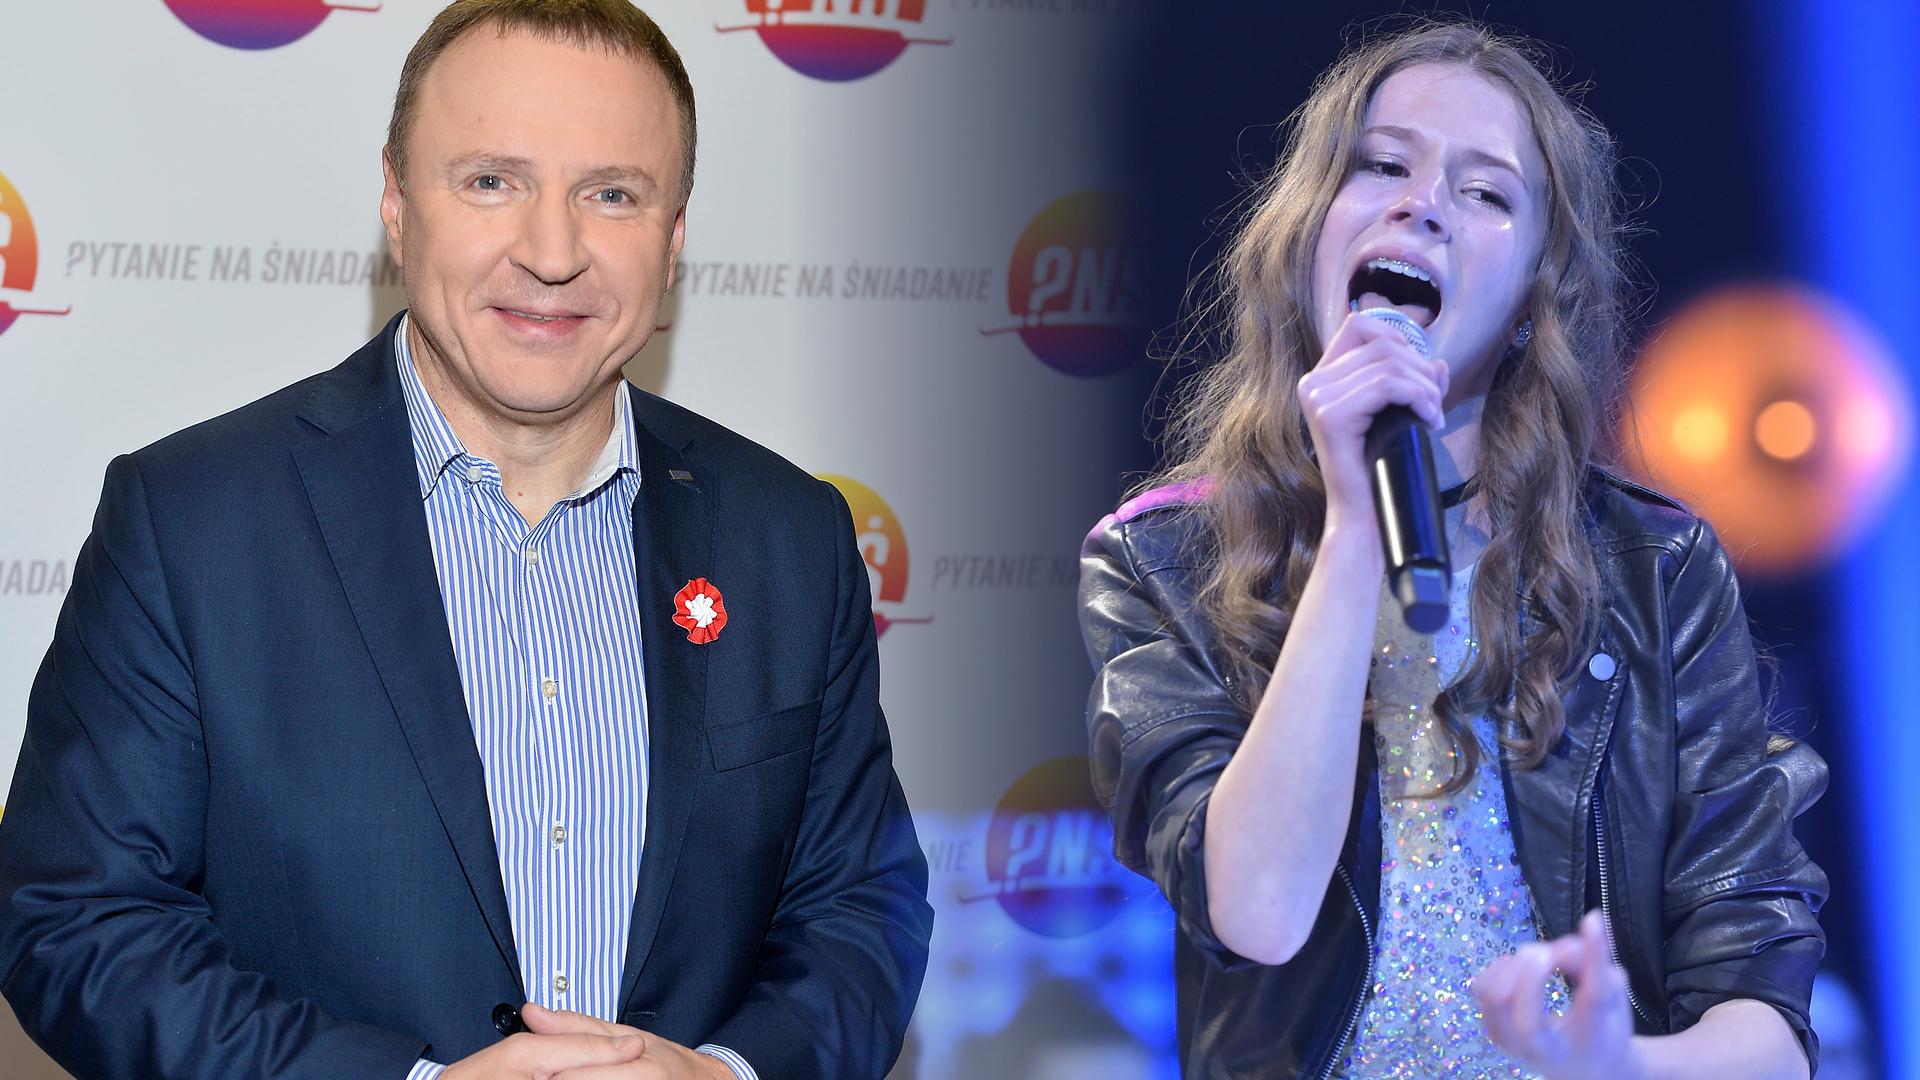 Kurski po wygranej Węgiel: Jesteśmy gotowi zorganizować Eurowizję!